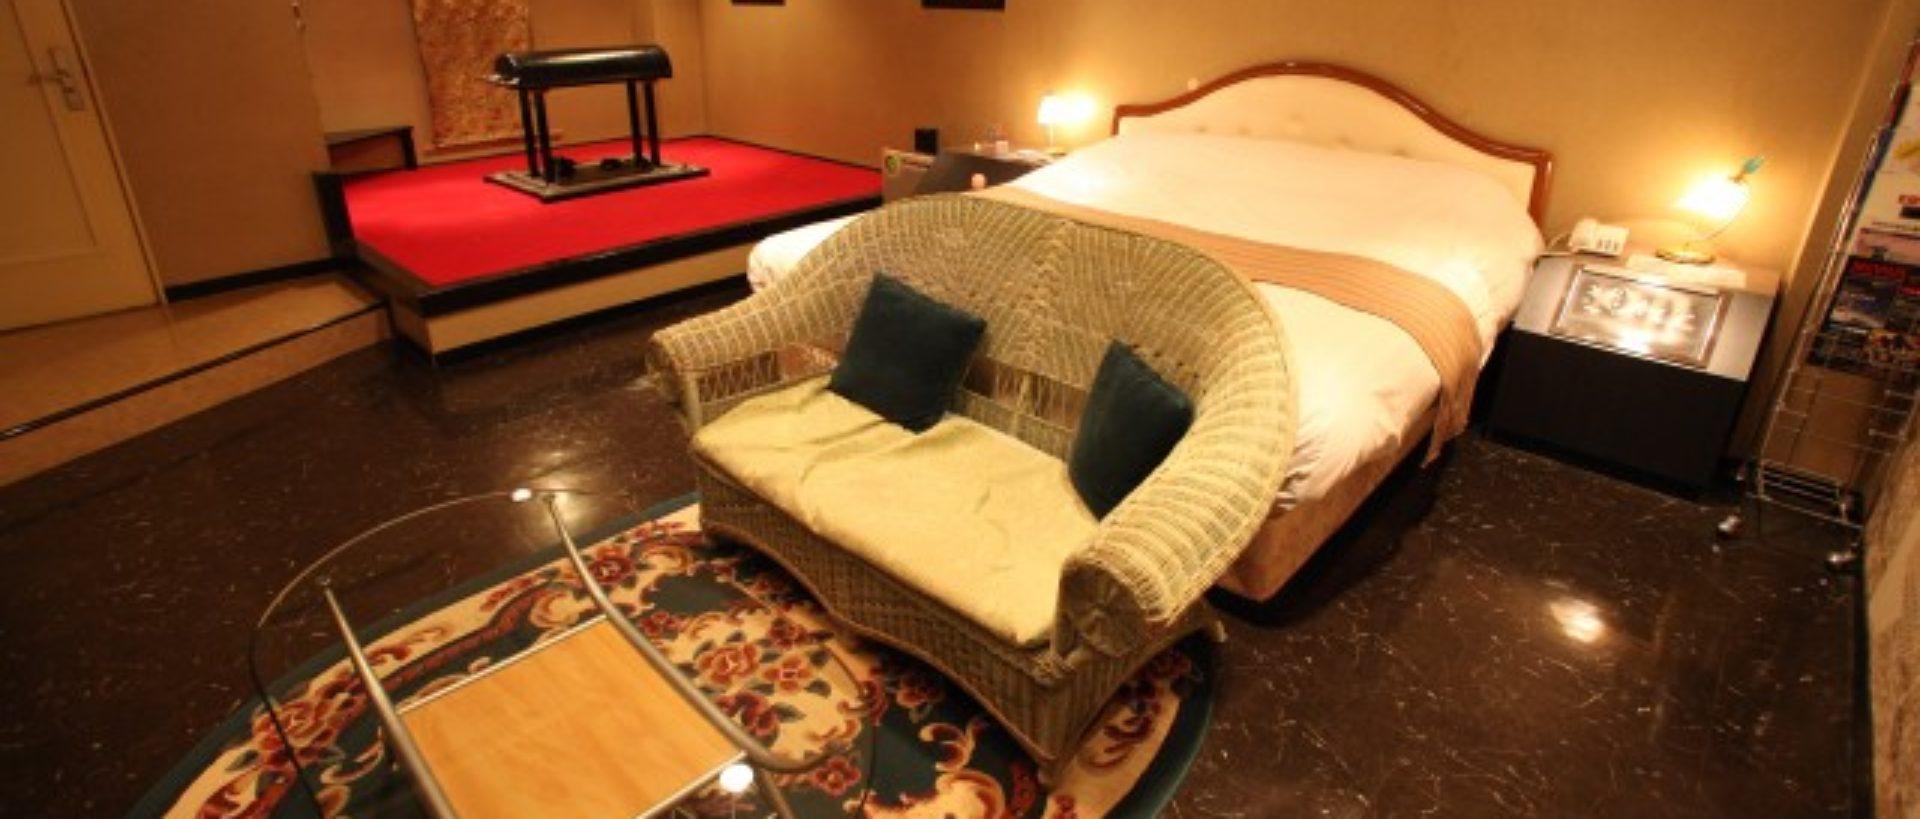 滋賀守山HOTEL DAYREST ホテルデイレスト